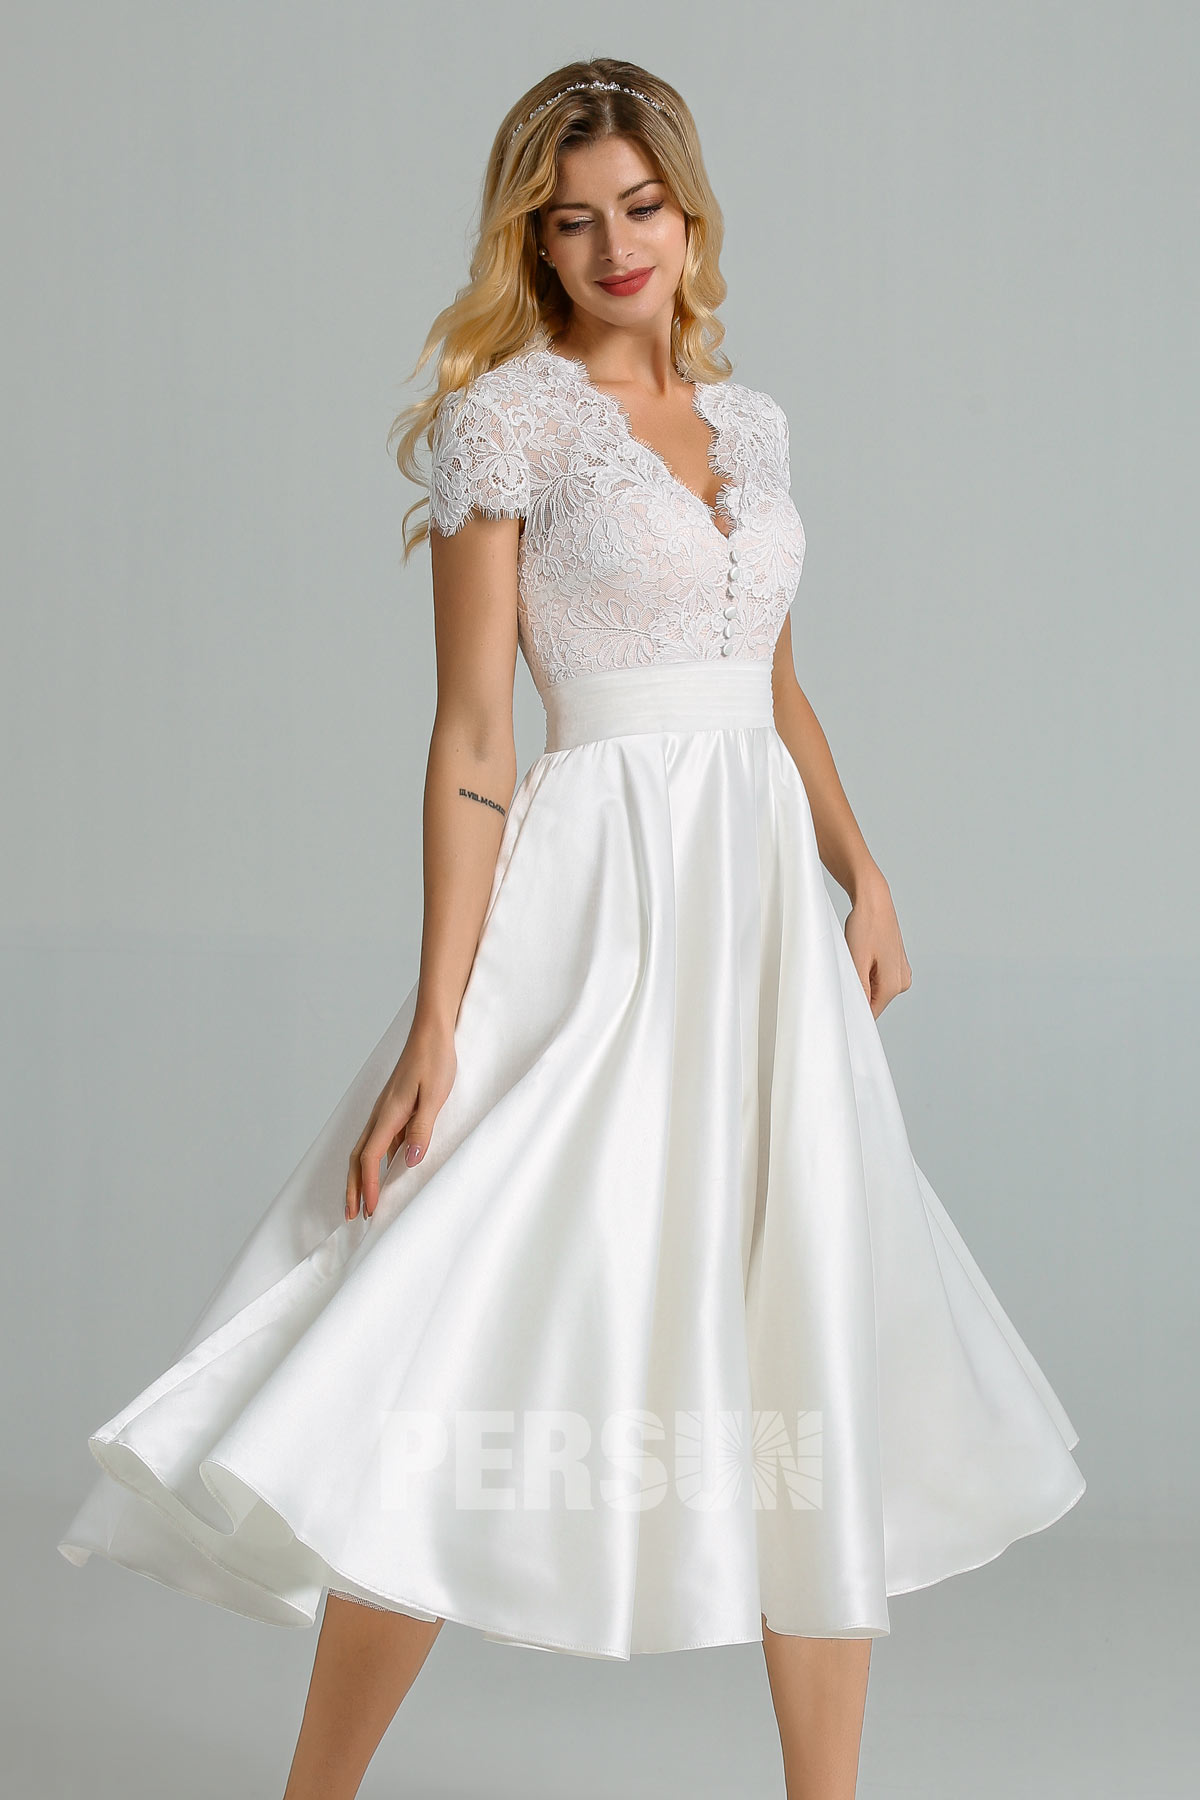 robe de mariée mi-longue haut en dentelle col v avec manche courte